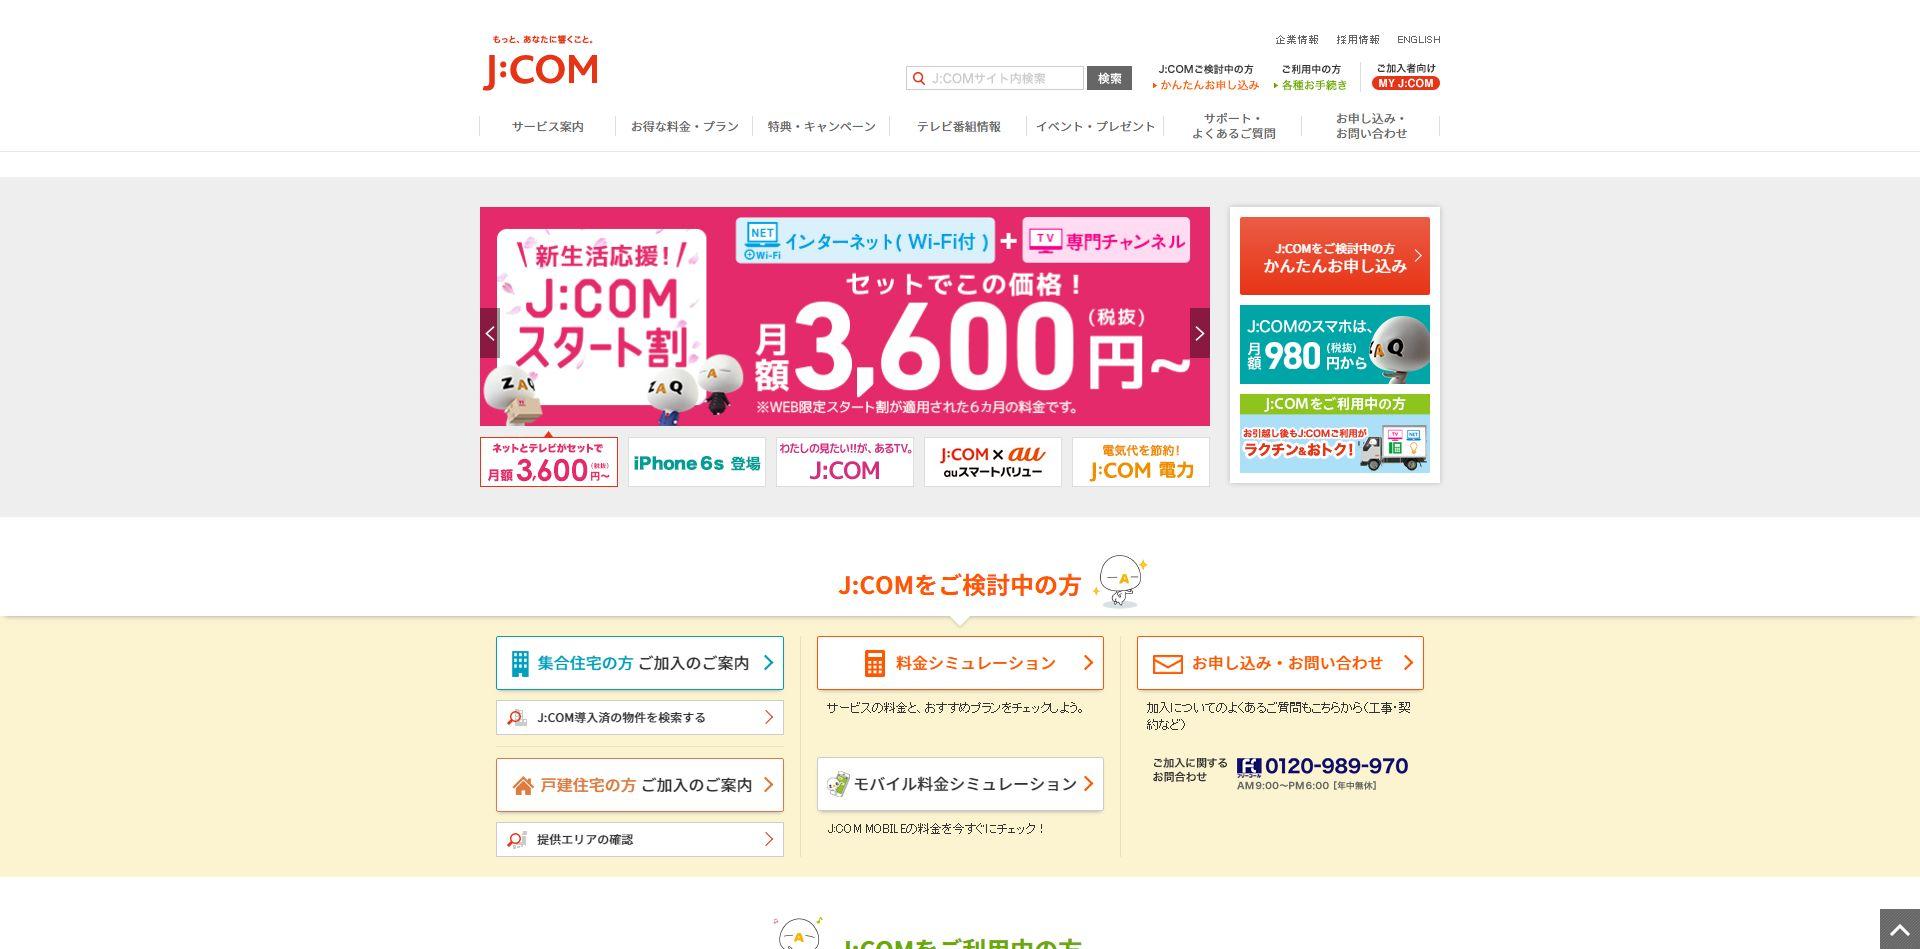 jcom_co_jp